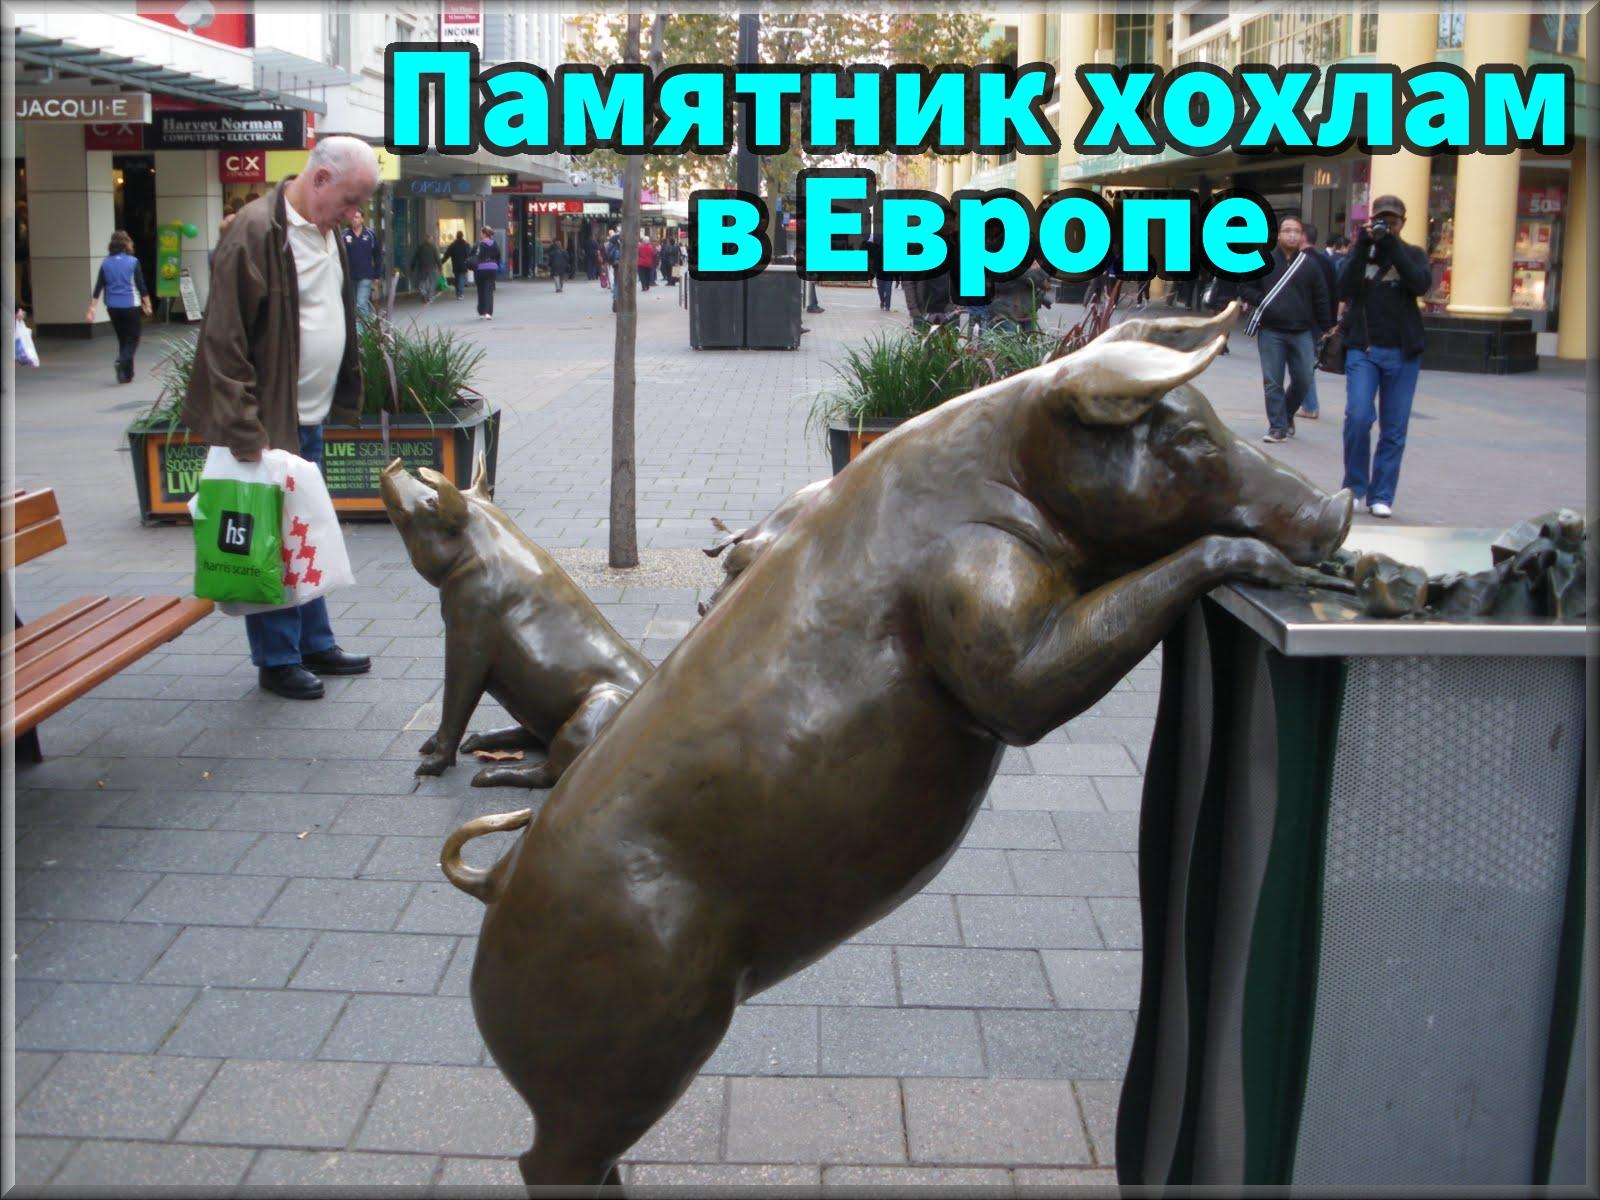 Памятник украинцам в европе